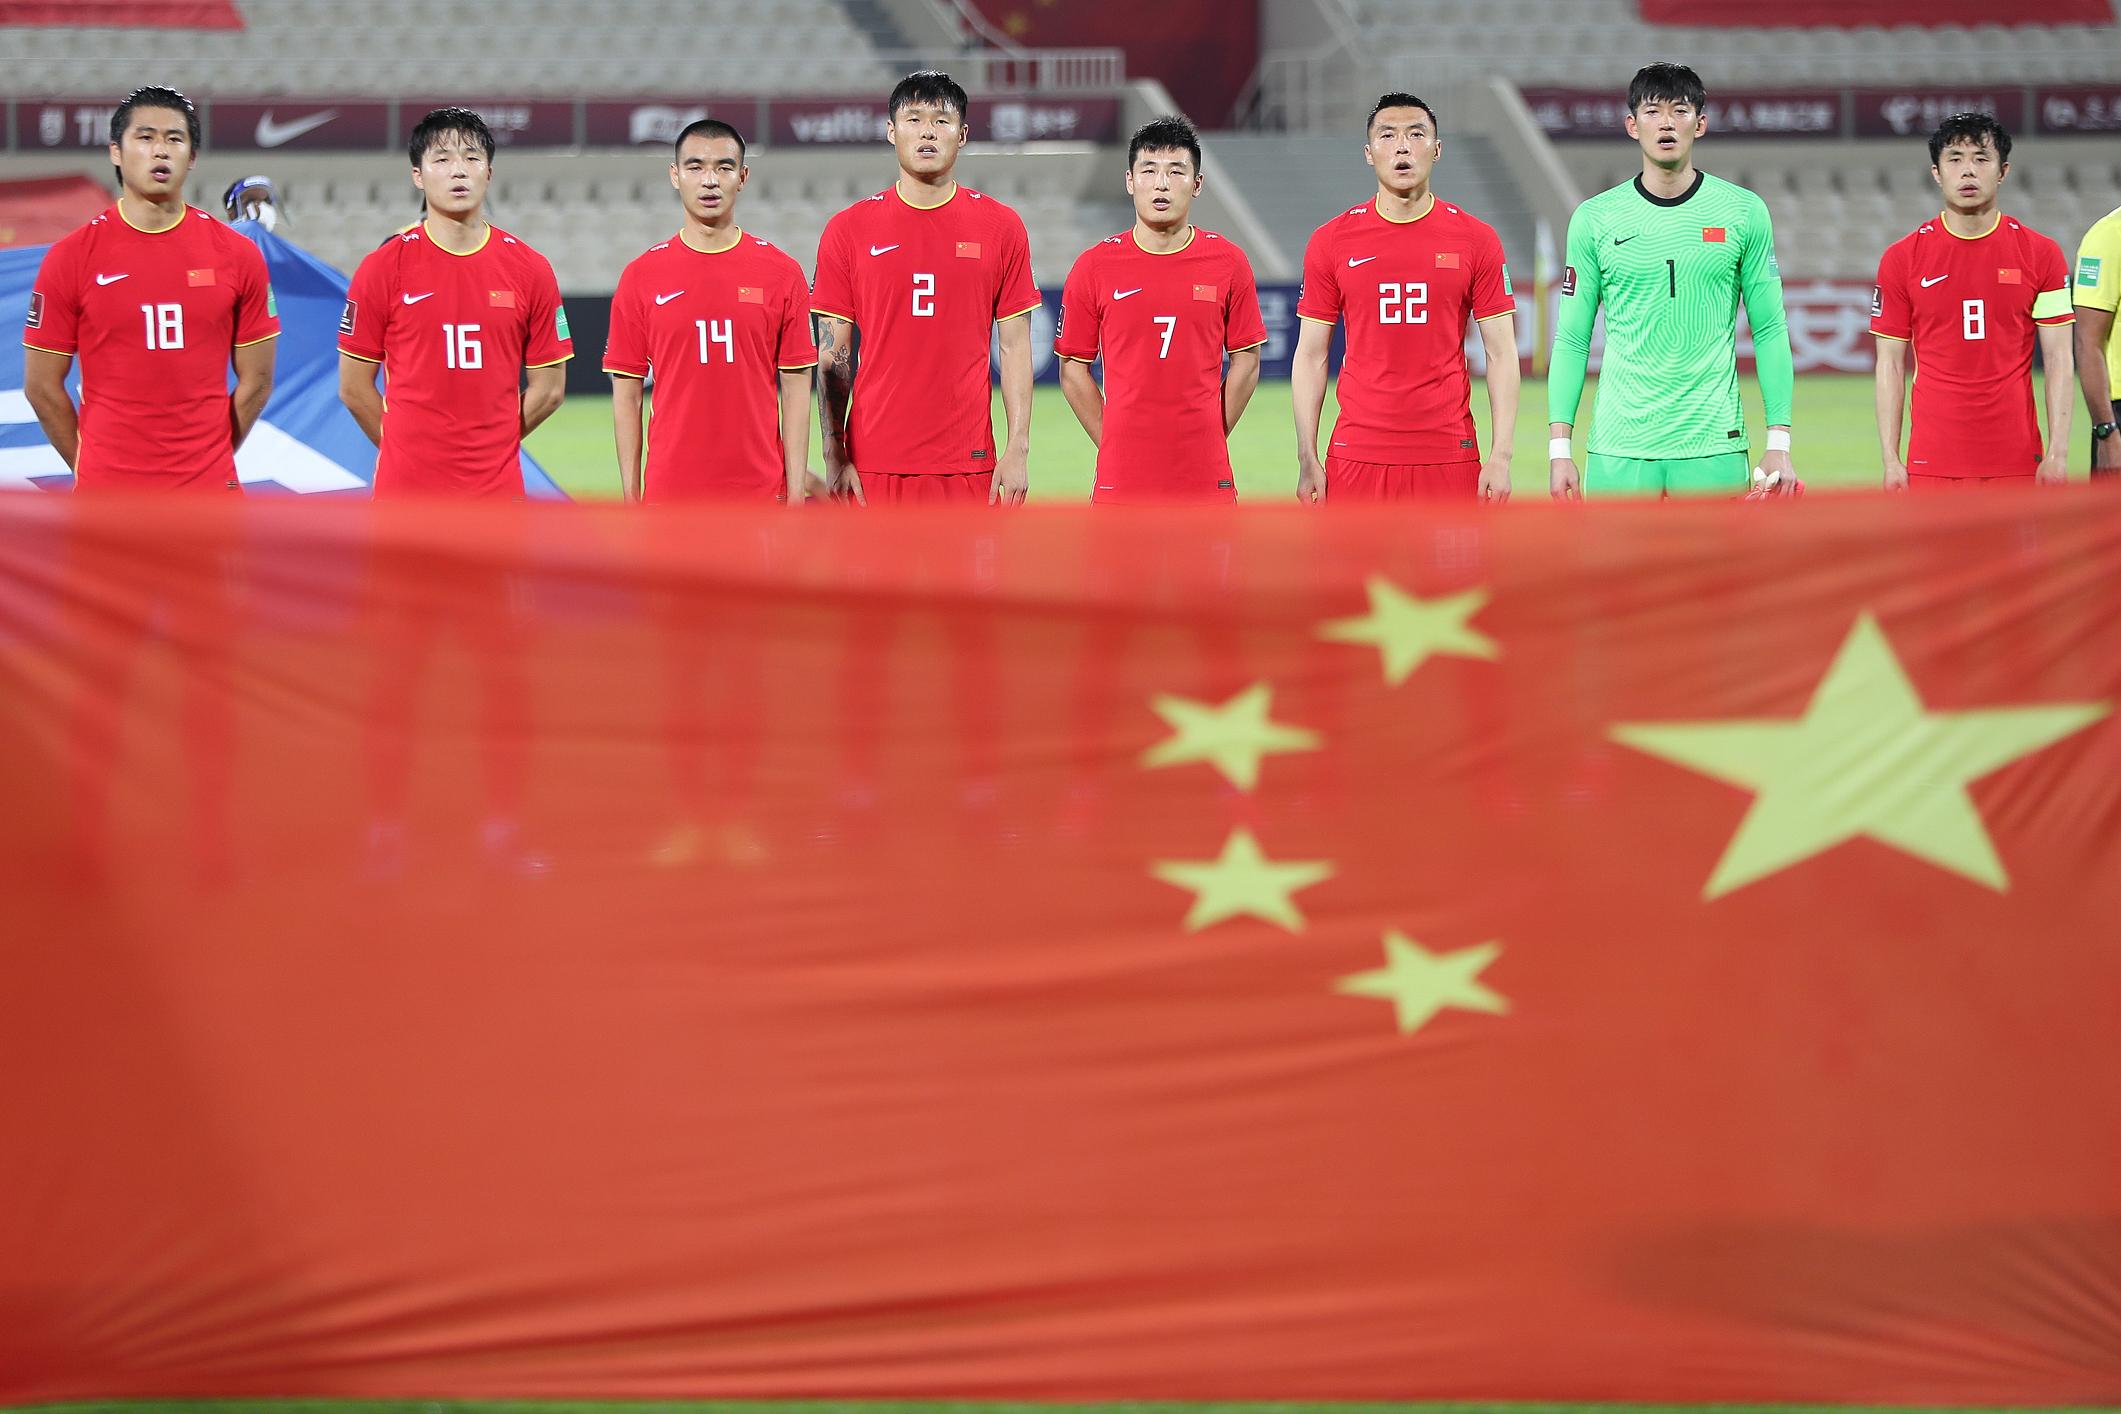 国足球员将出线机会掌握在了自己手中。